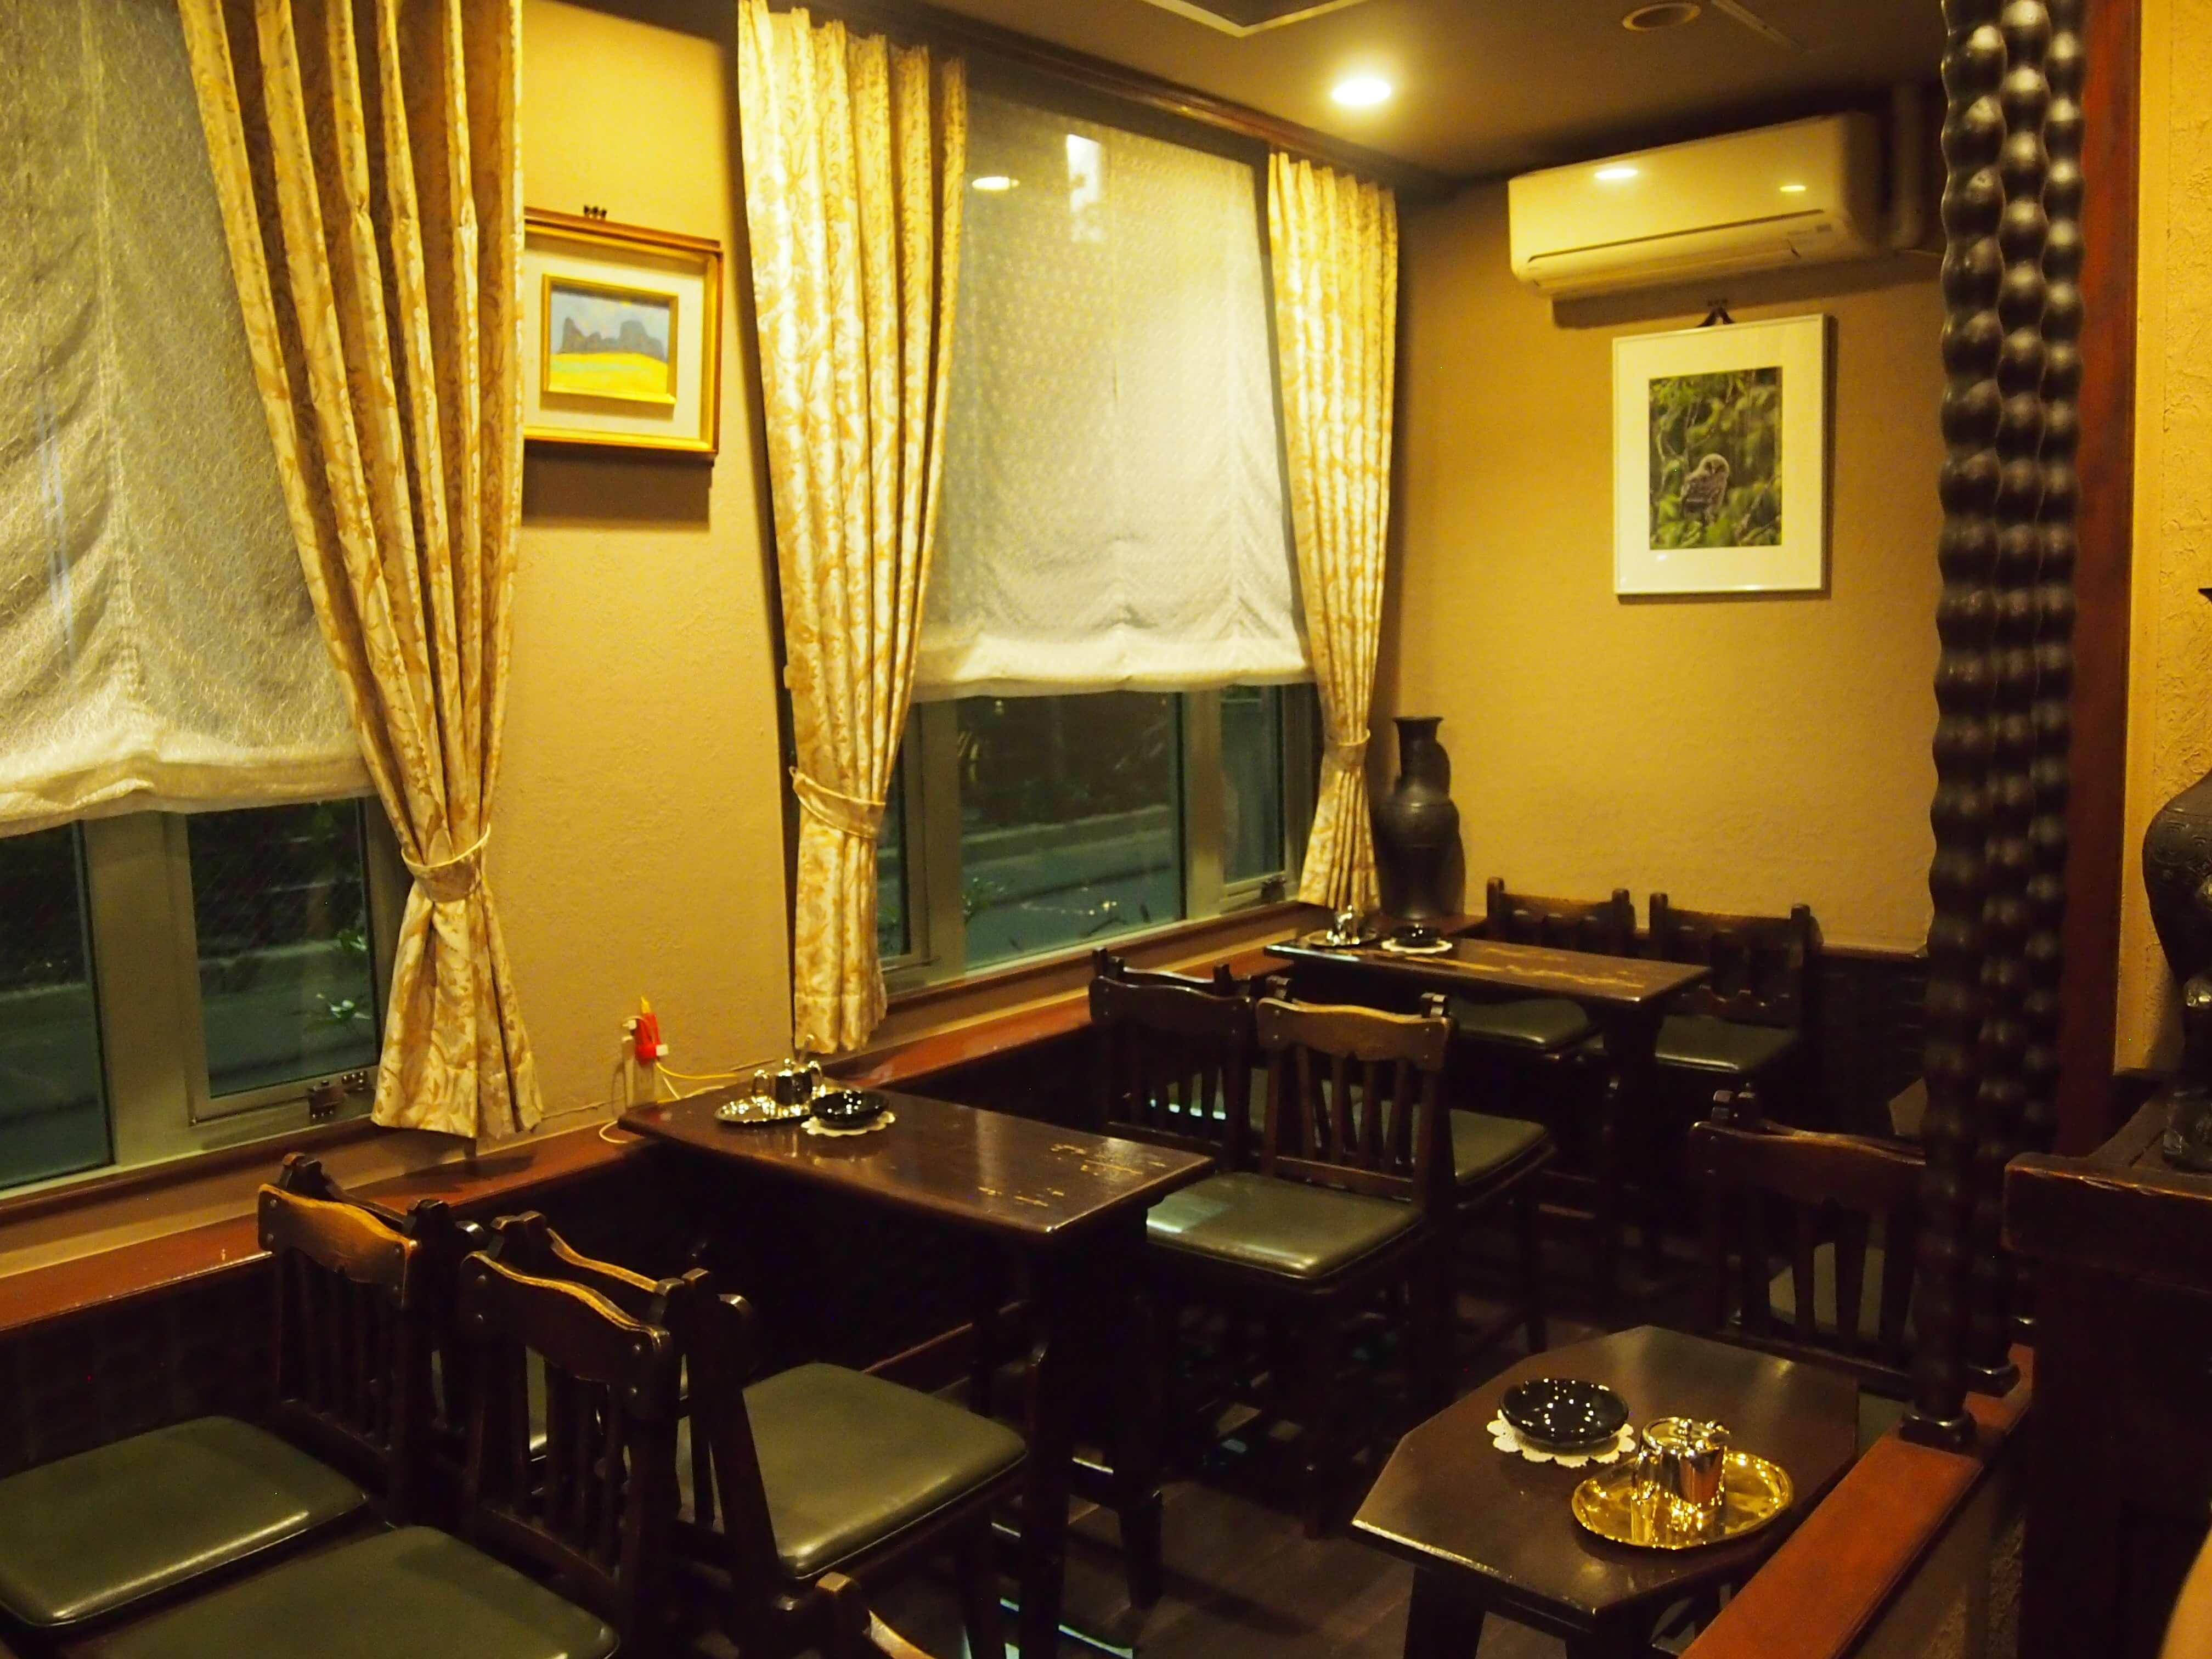 テーブル、椅子や壁の腰板などは、昭和23年の開店の時から使用していたもの。使いこまれる事によって、いい雰囲気を醸しだしています。「いいものは、長持ちするんです」(室谷さん)